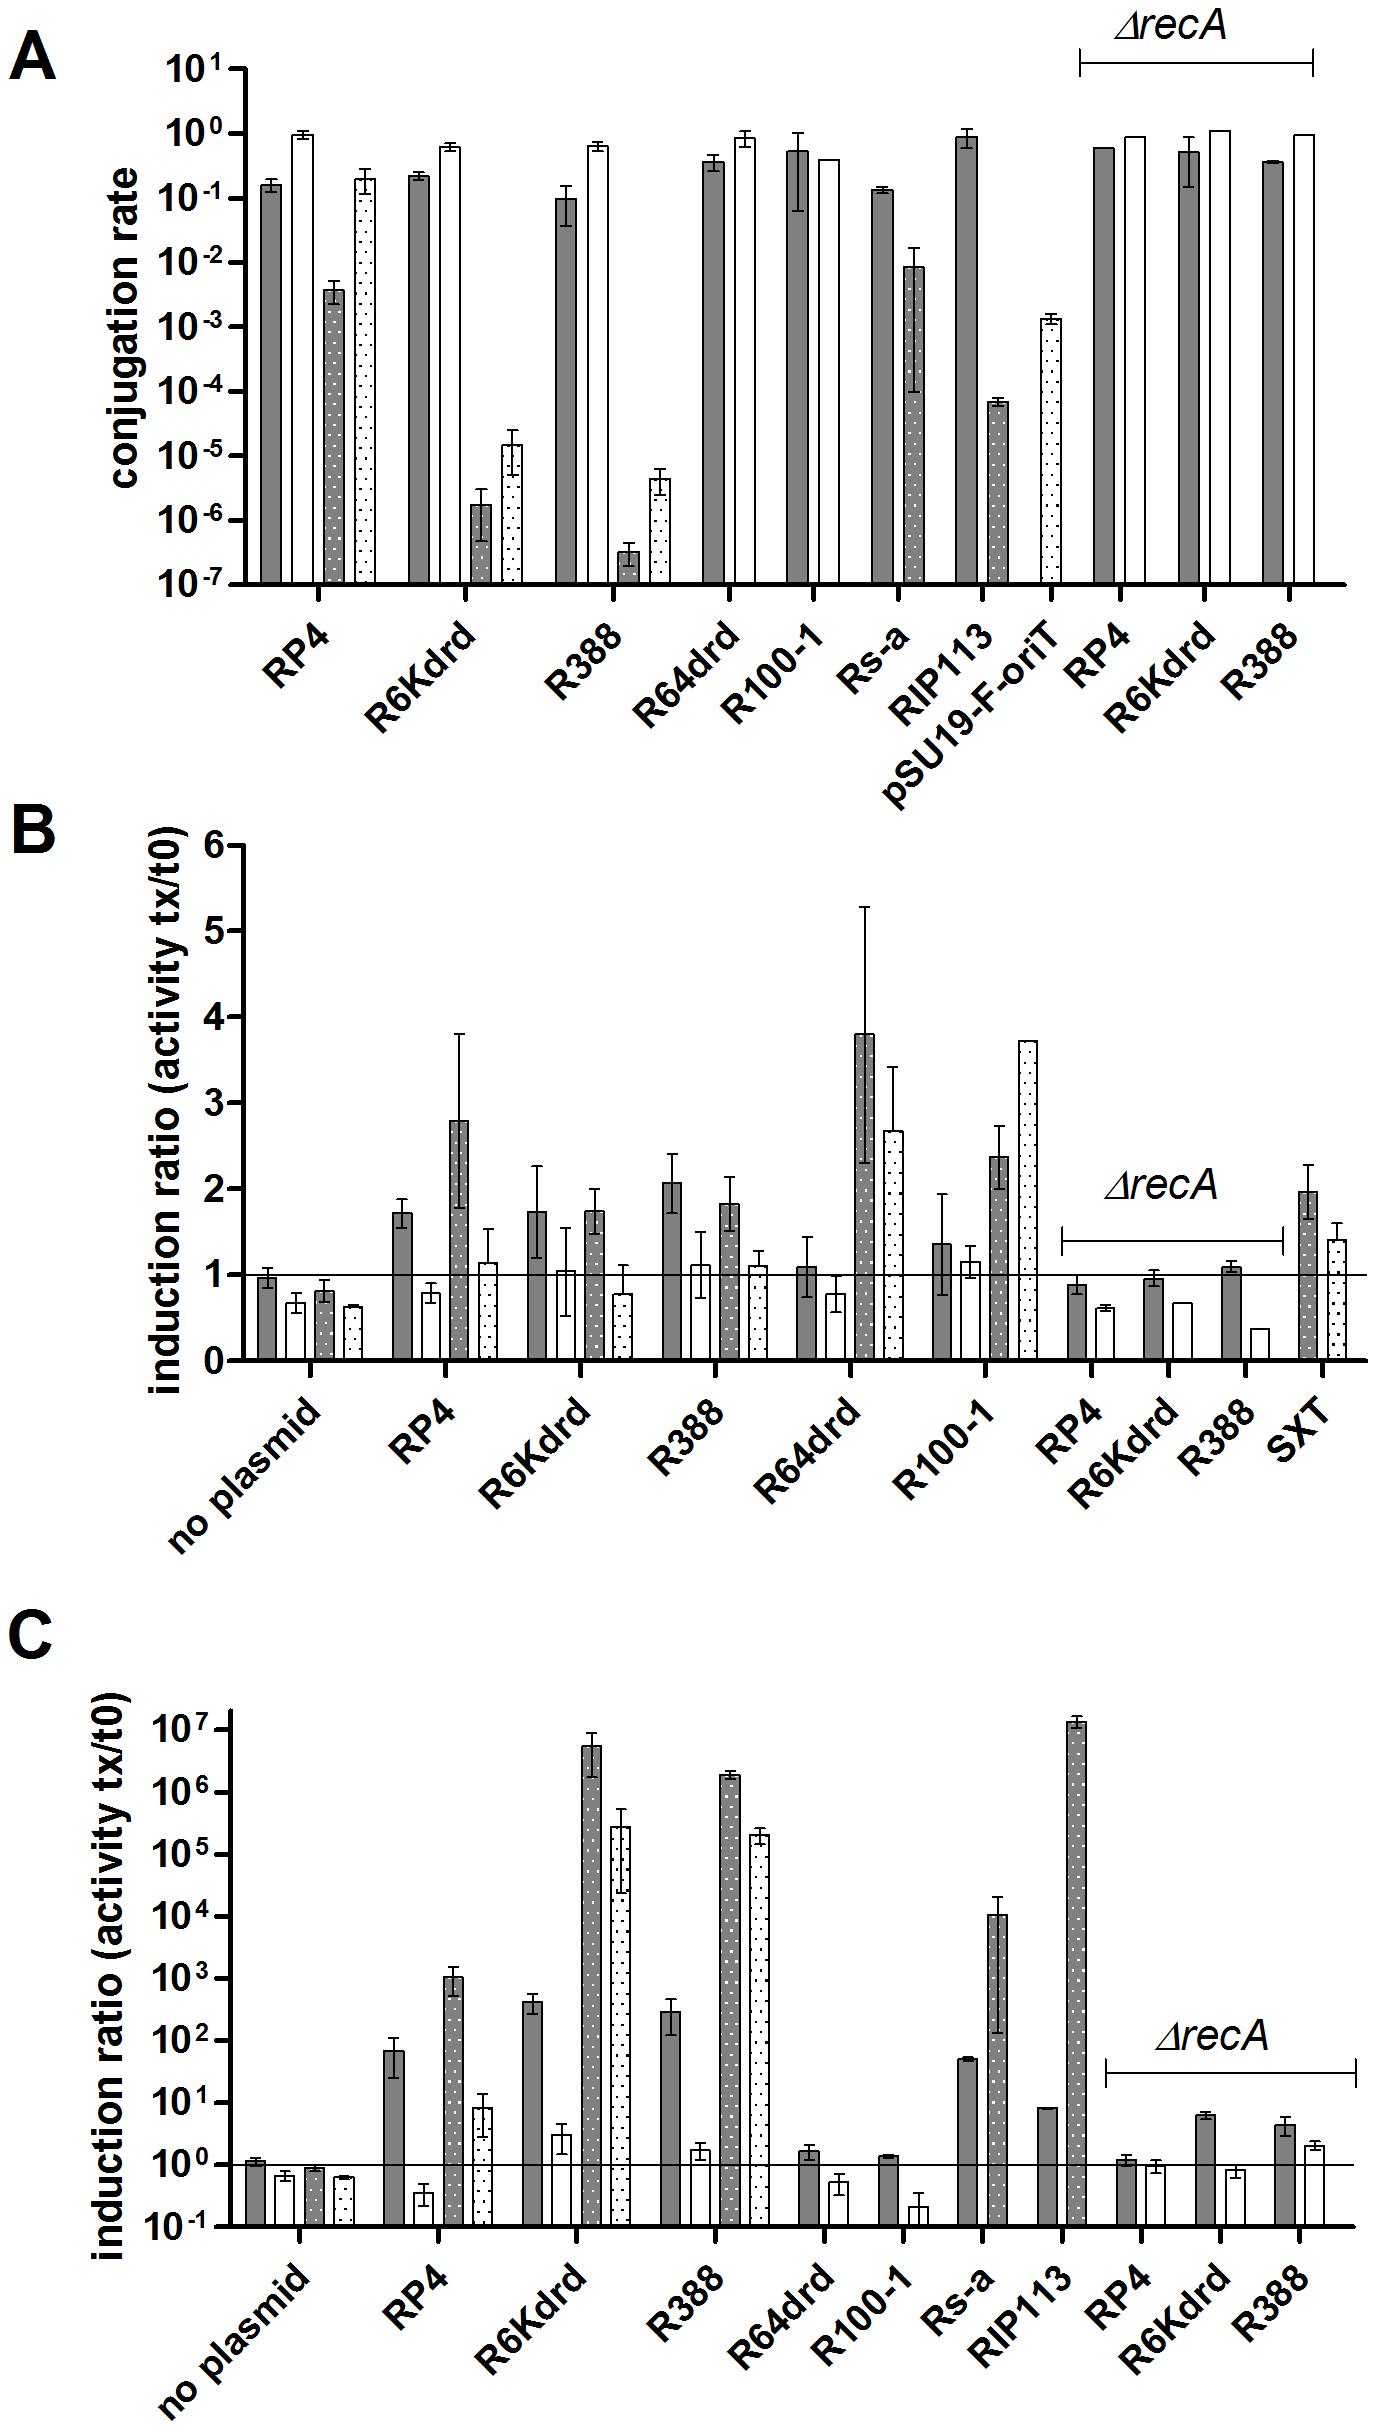 Conjugation induces SOS in <i>E. coli</i> and <i>V. cholerae</i>.